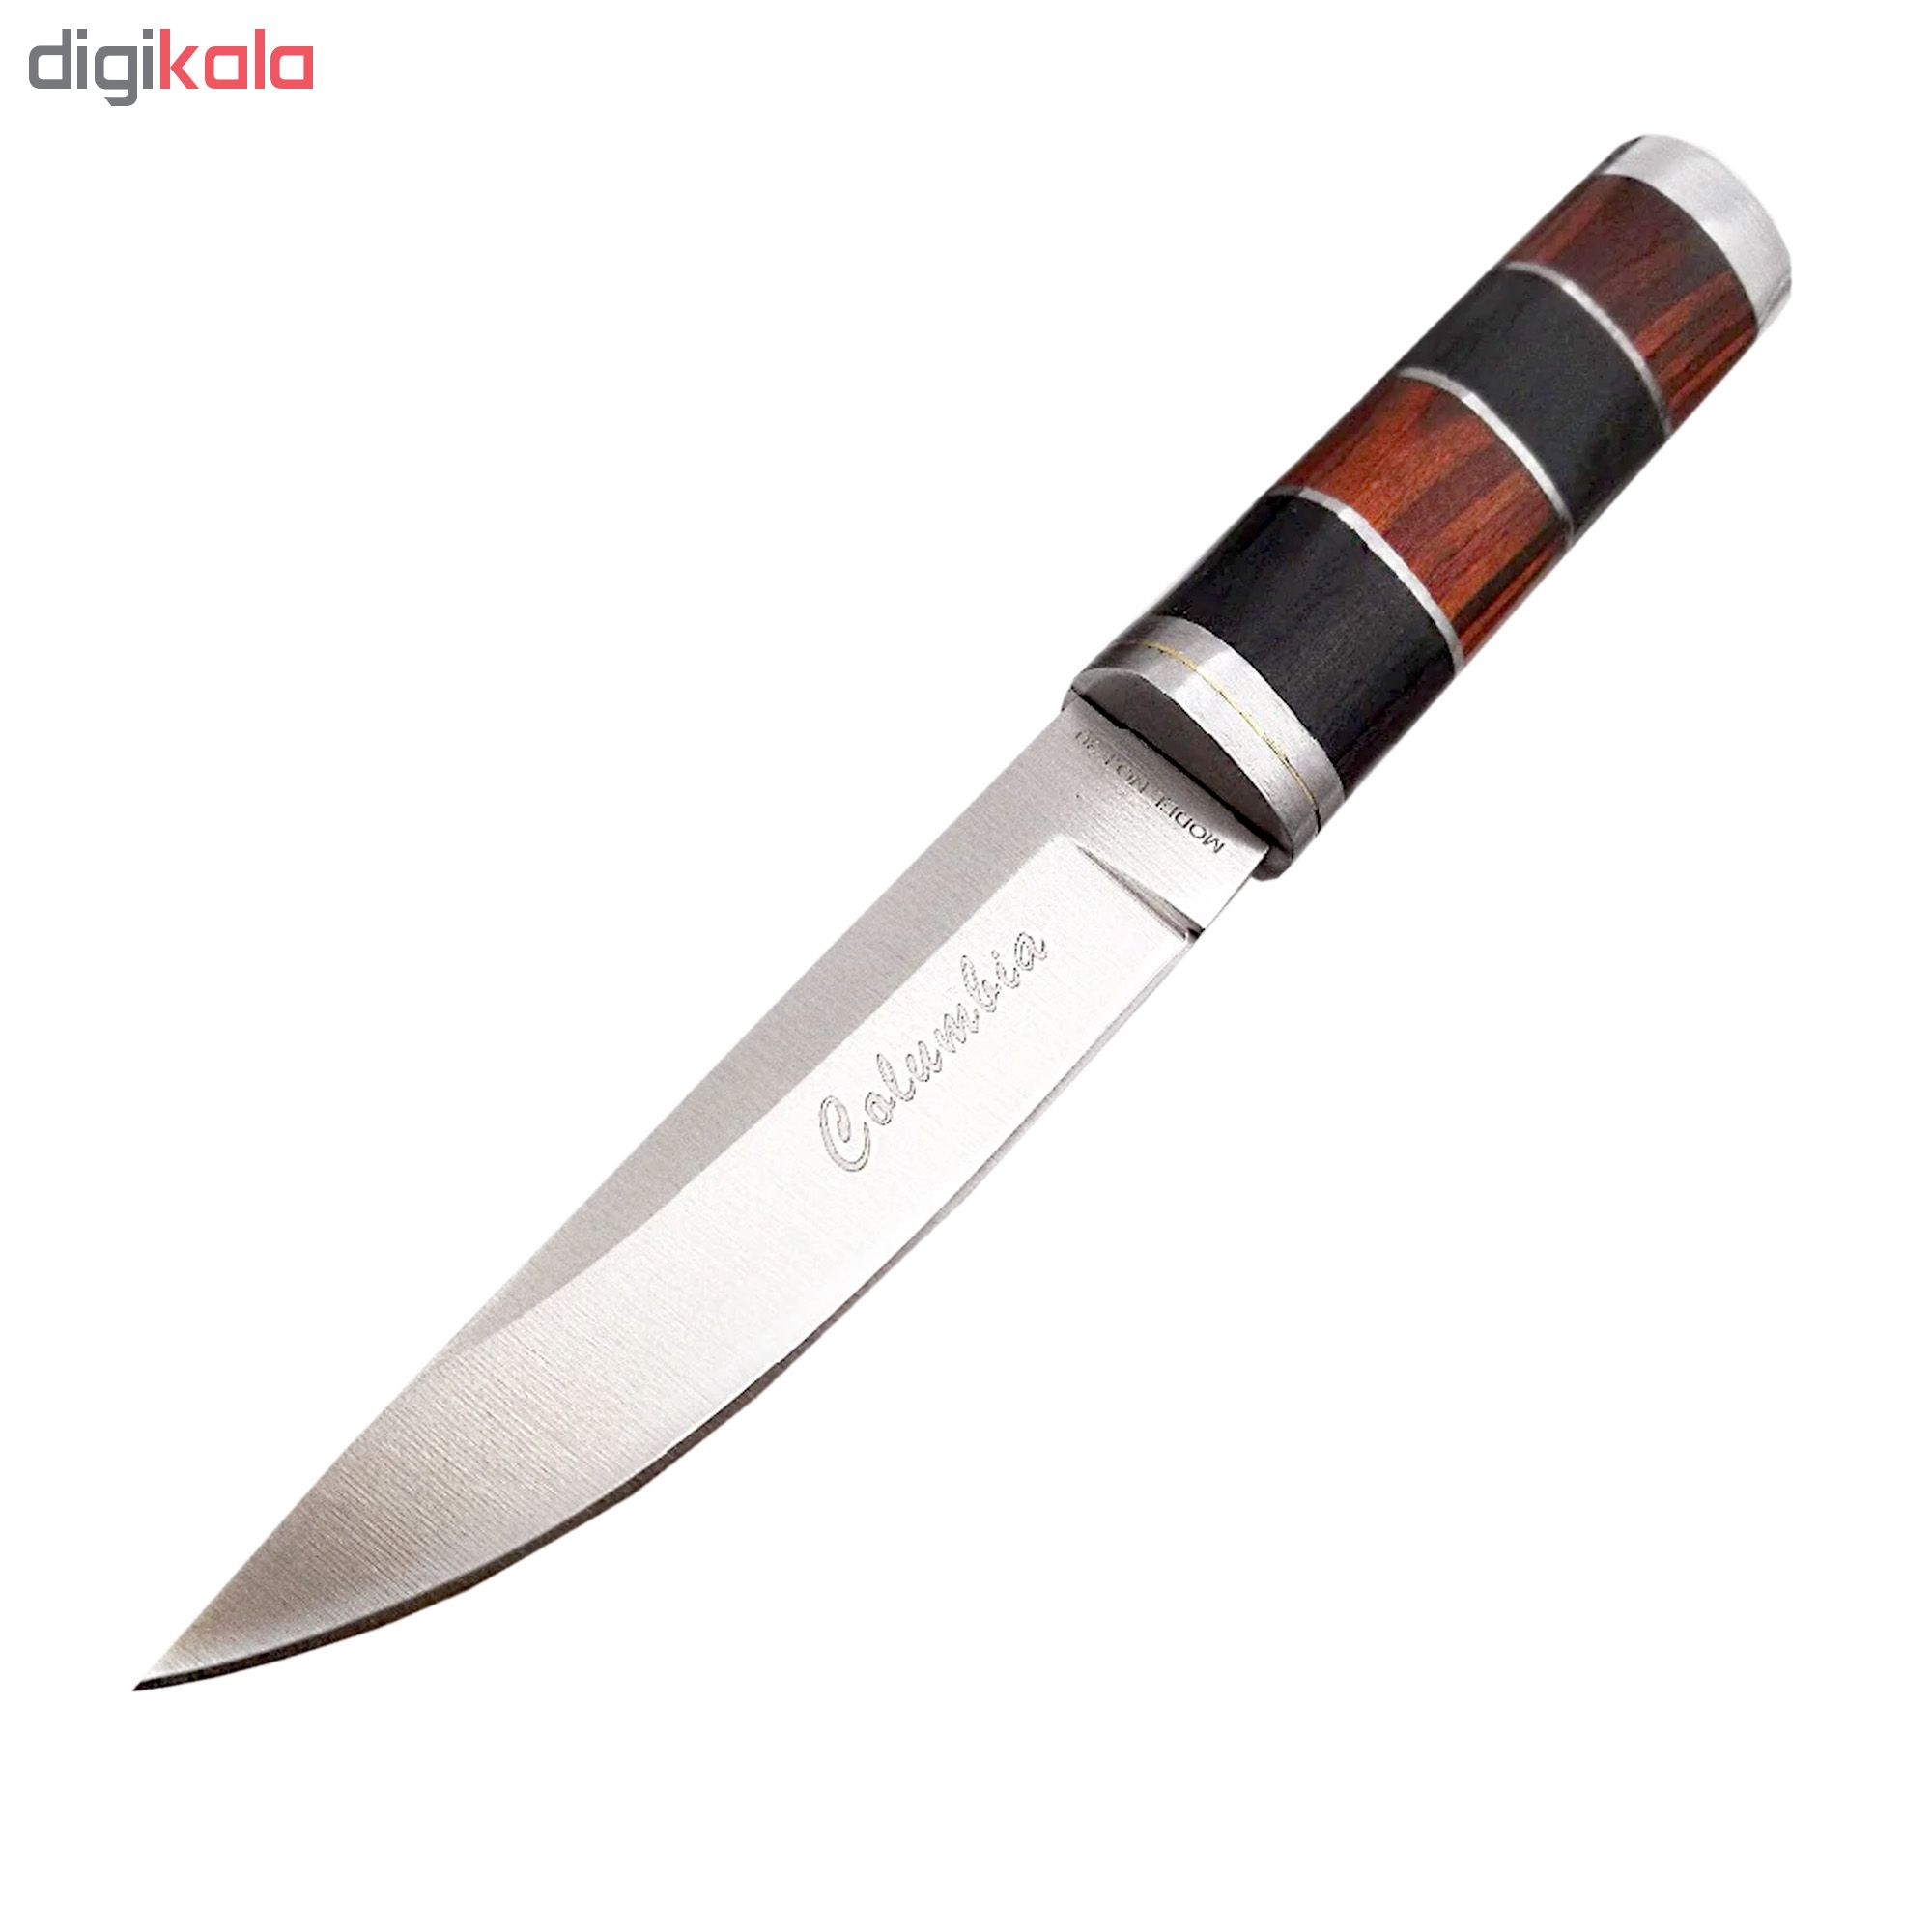 چاقو سفری کلمبیا کد k-30